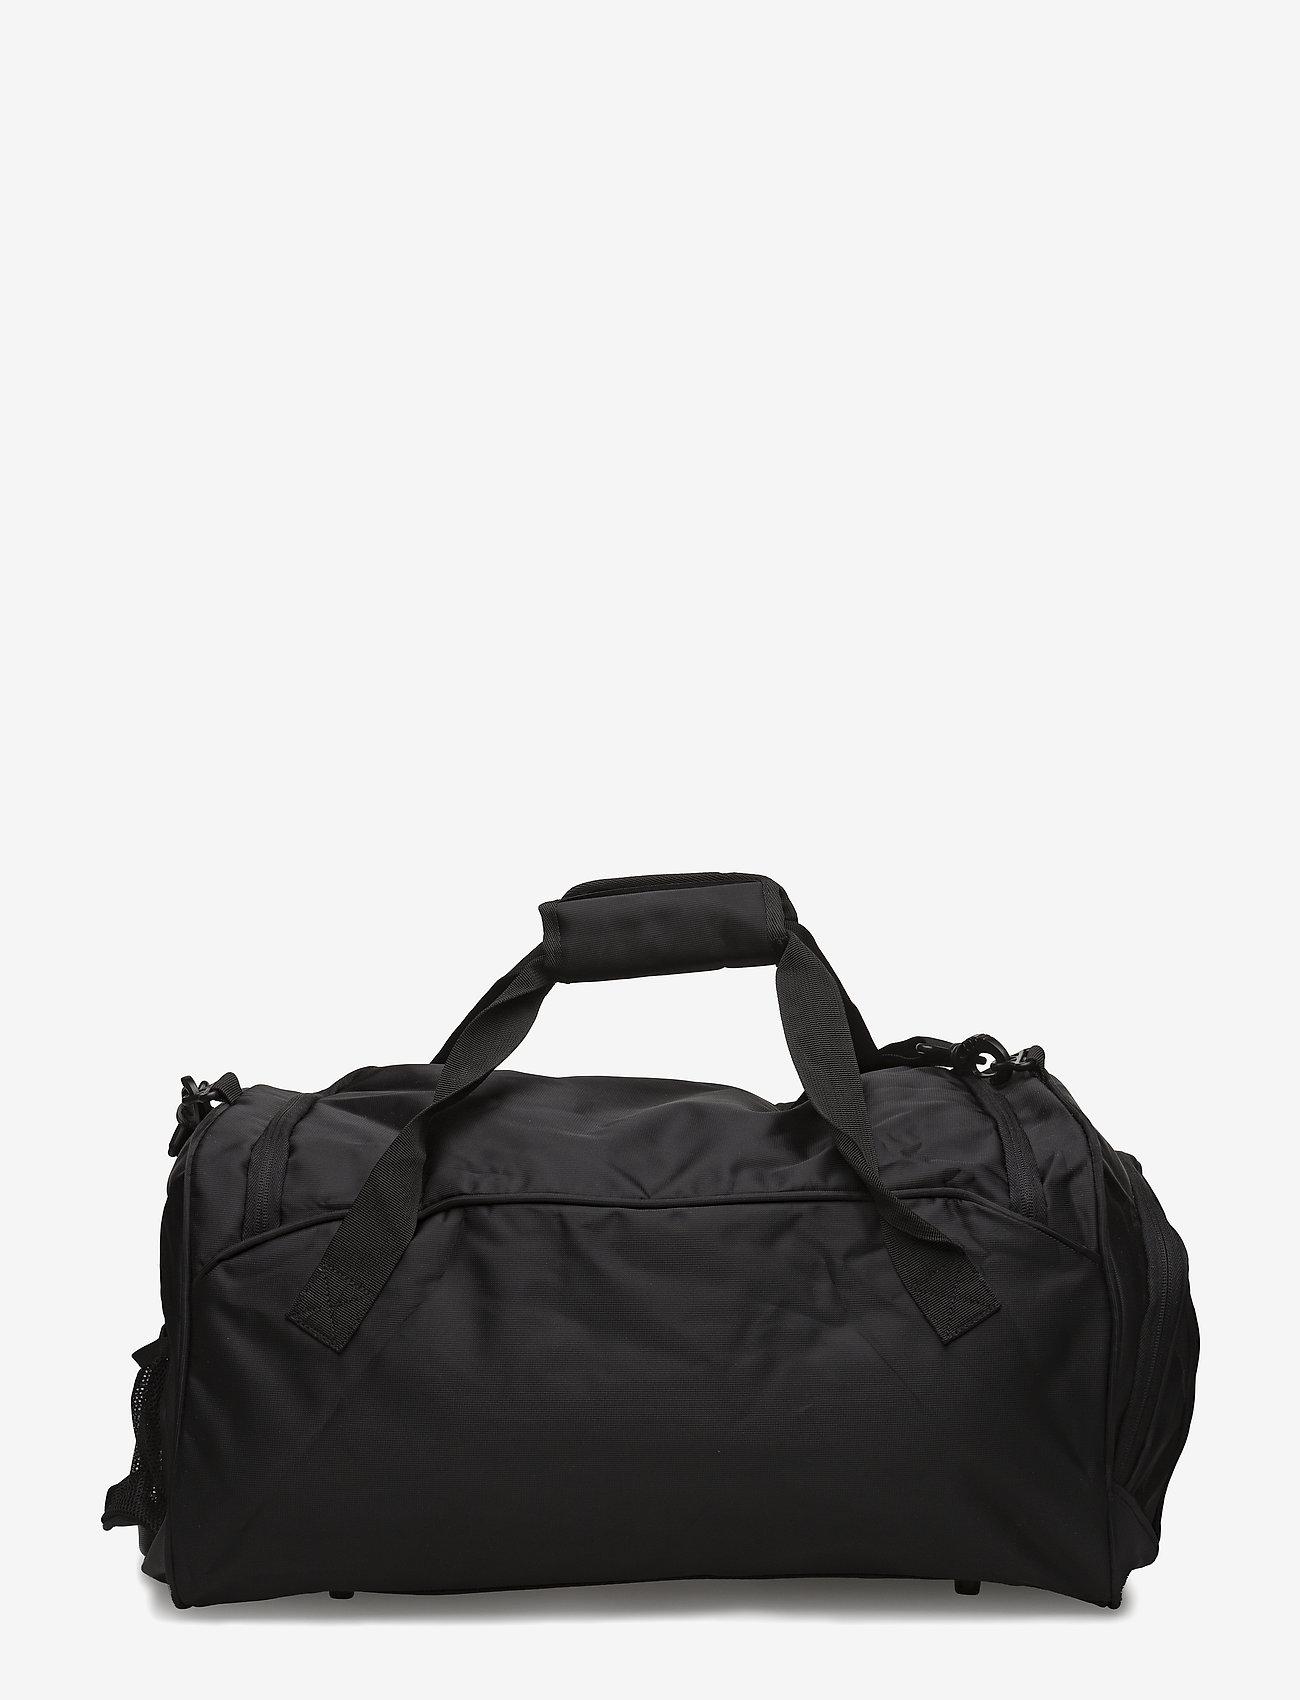 2XU - GYM BAG 45L - træningstasker - black/black - 1